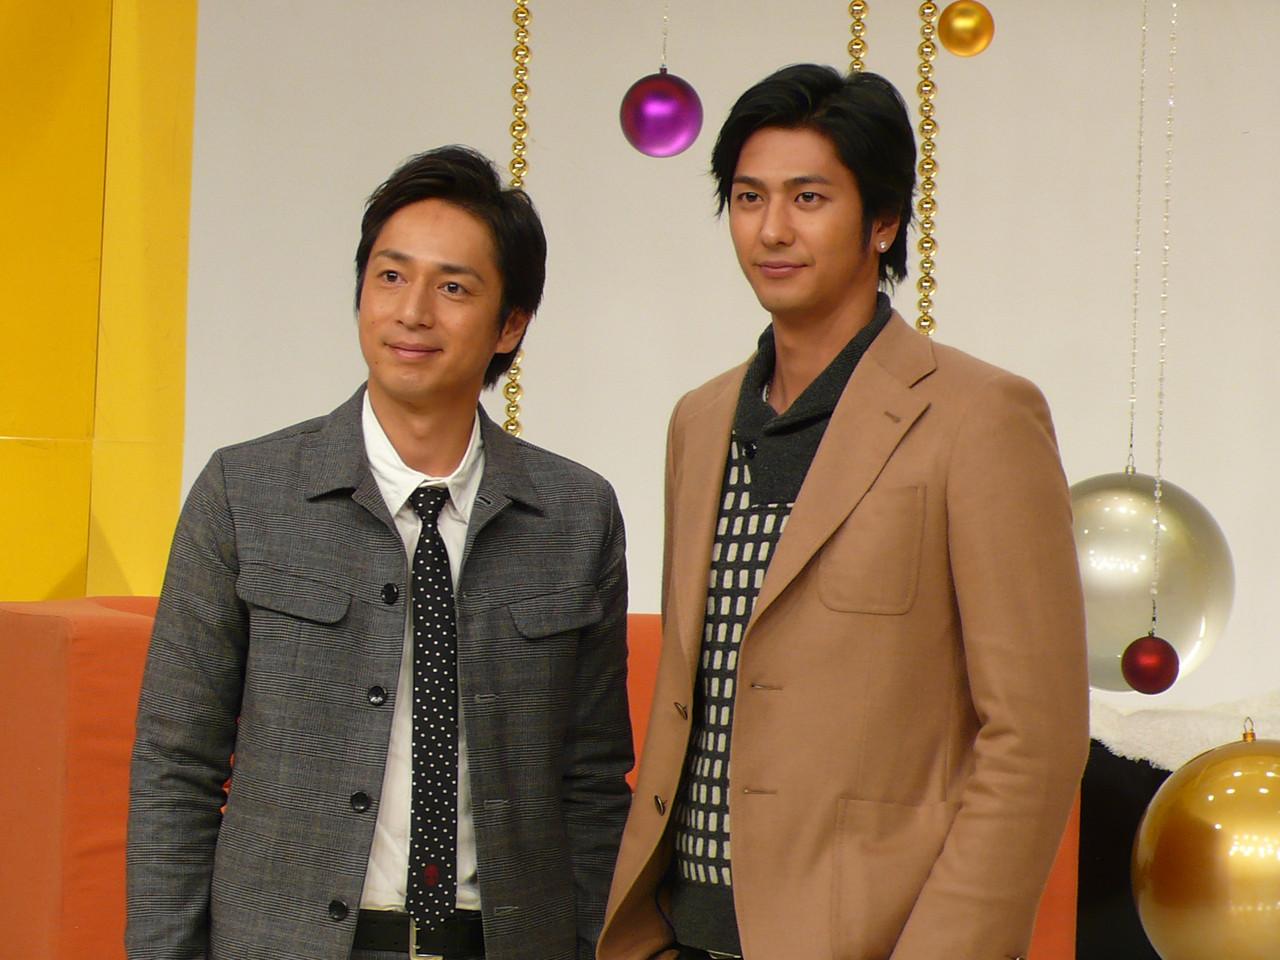 もこみちさんと徳井義実さんです